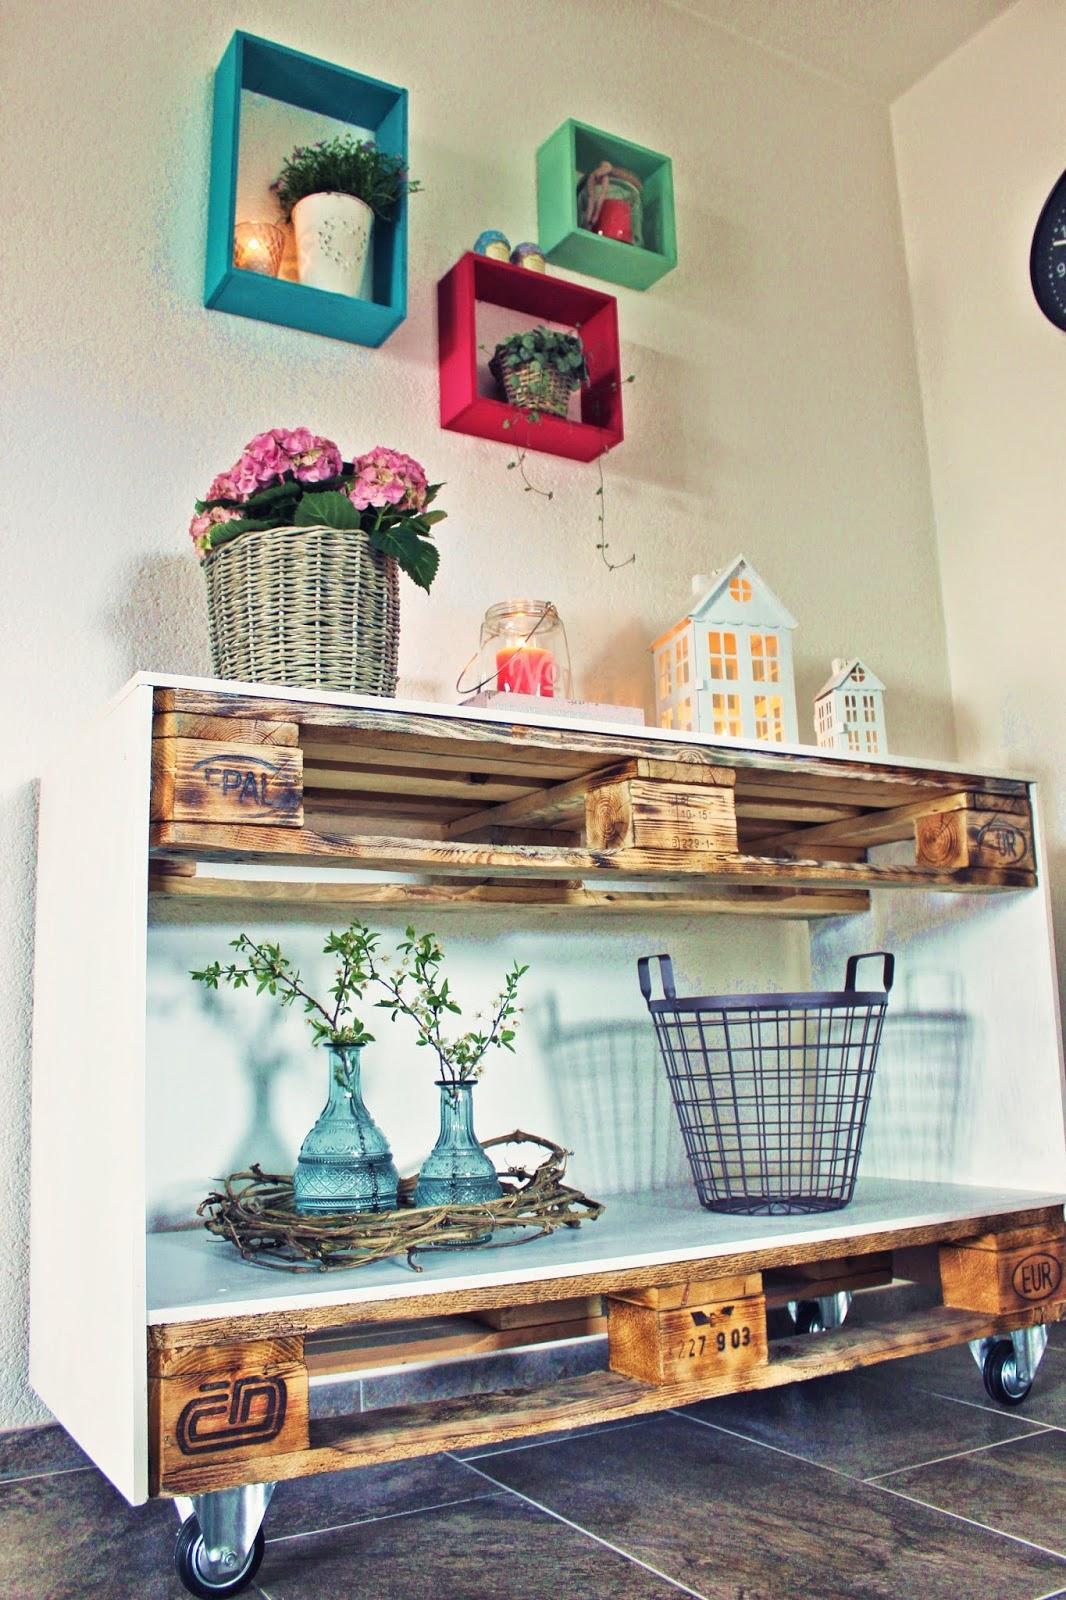 s 39 bastelkistle mobiles sideboard aus paletten. Black Bedroom Furniture Sets. Home Design Ideas